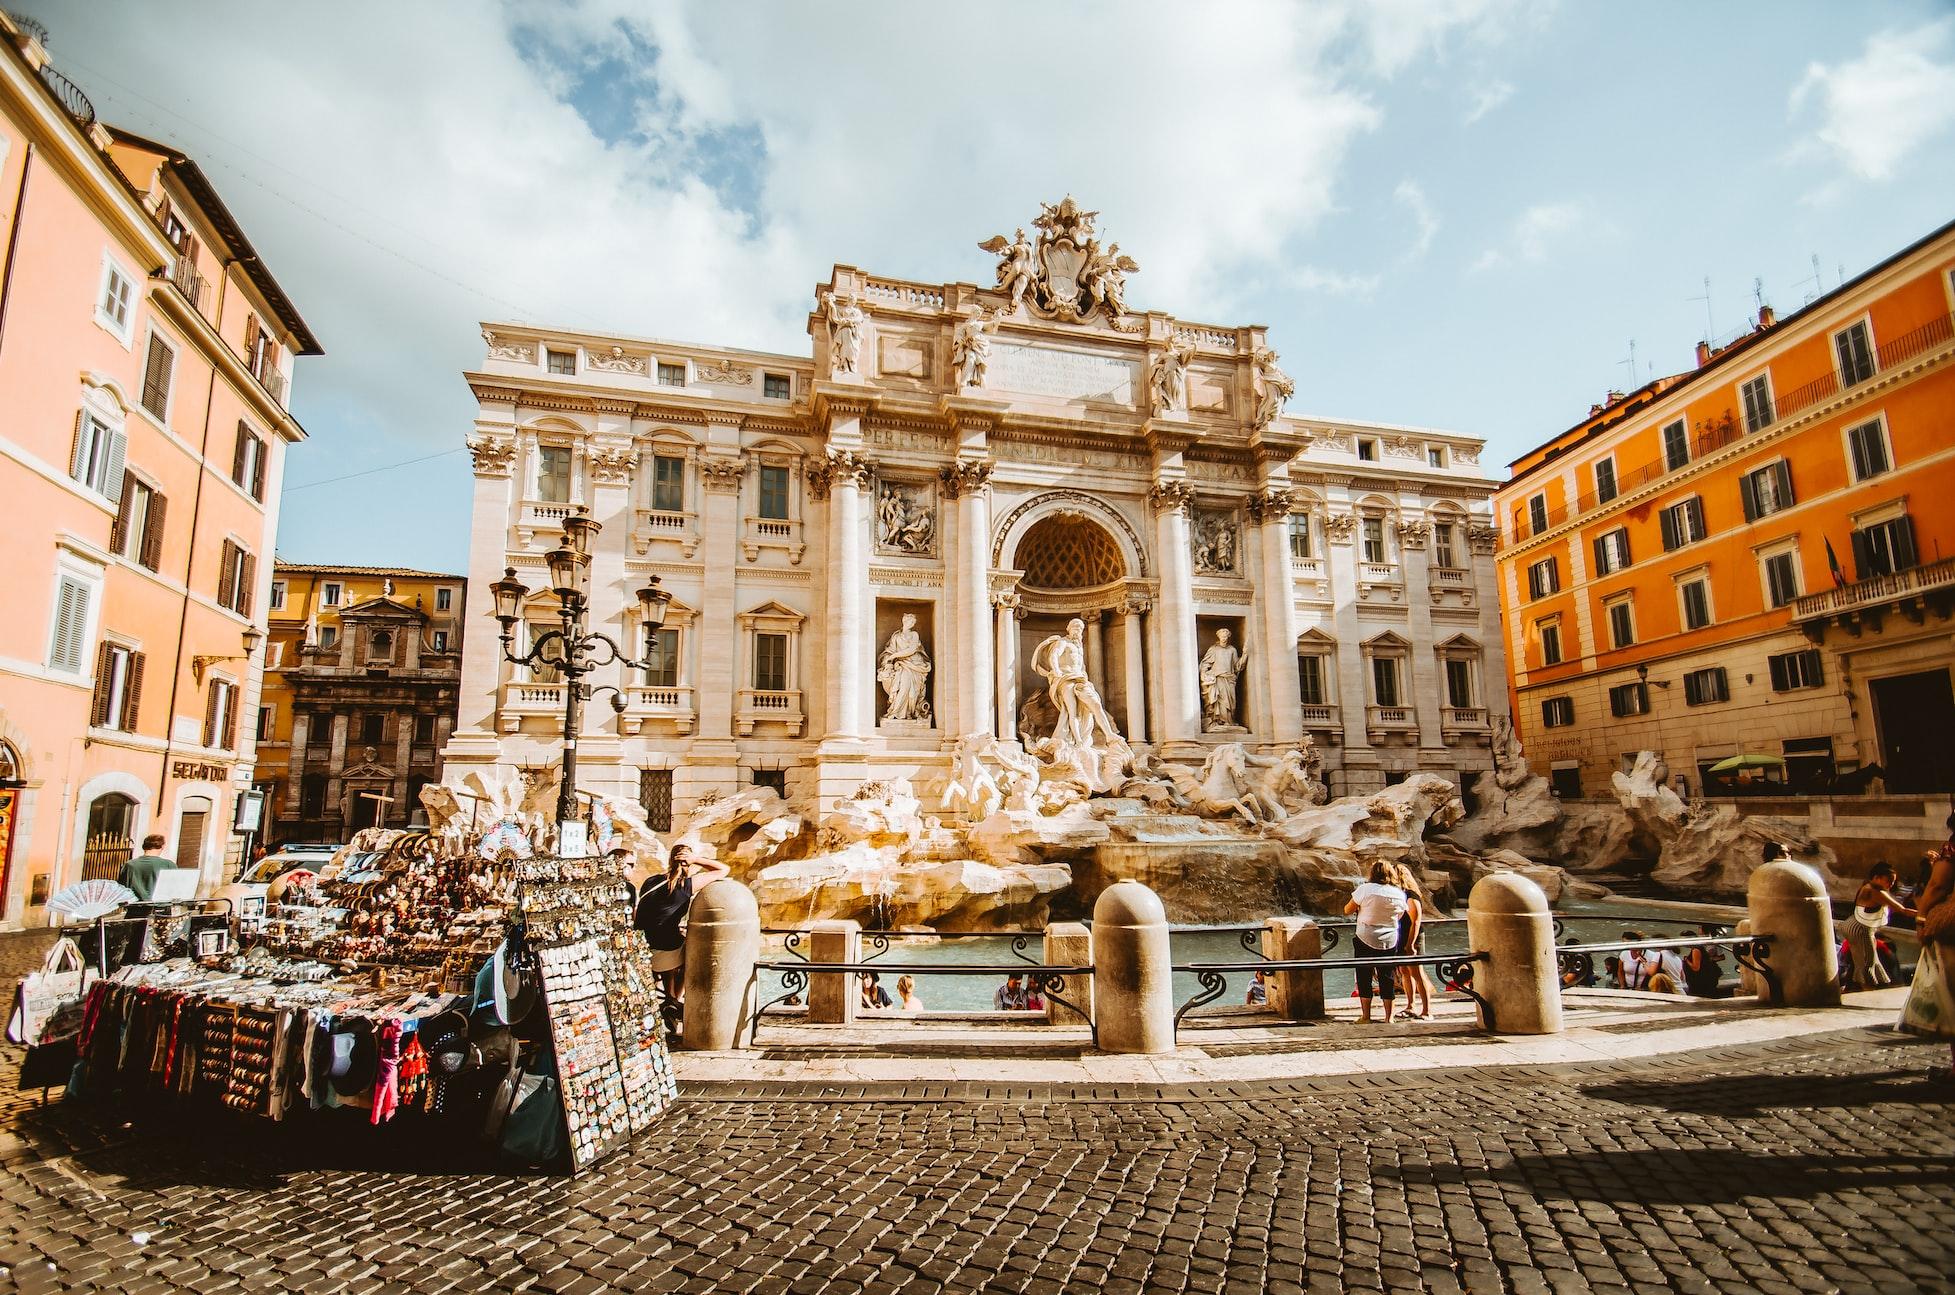 classifica siti UNESCO più belli nel mondo fontana di Trevi Roma